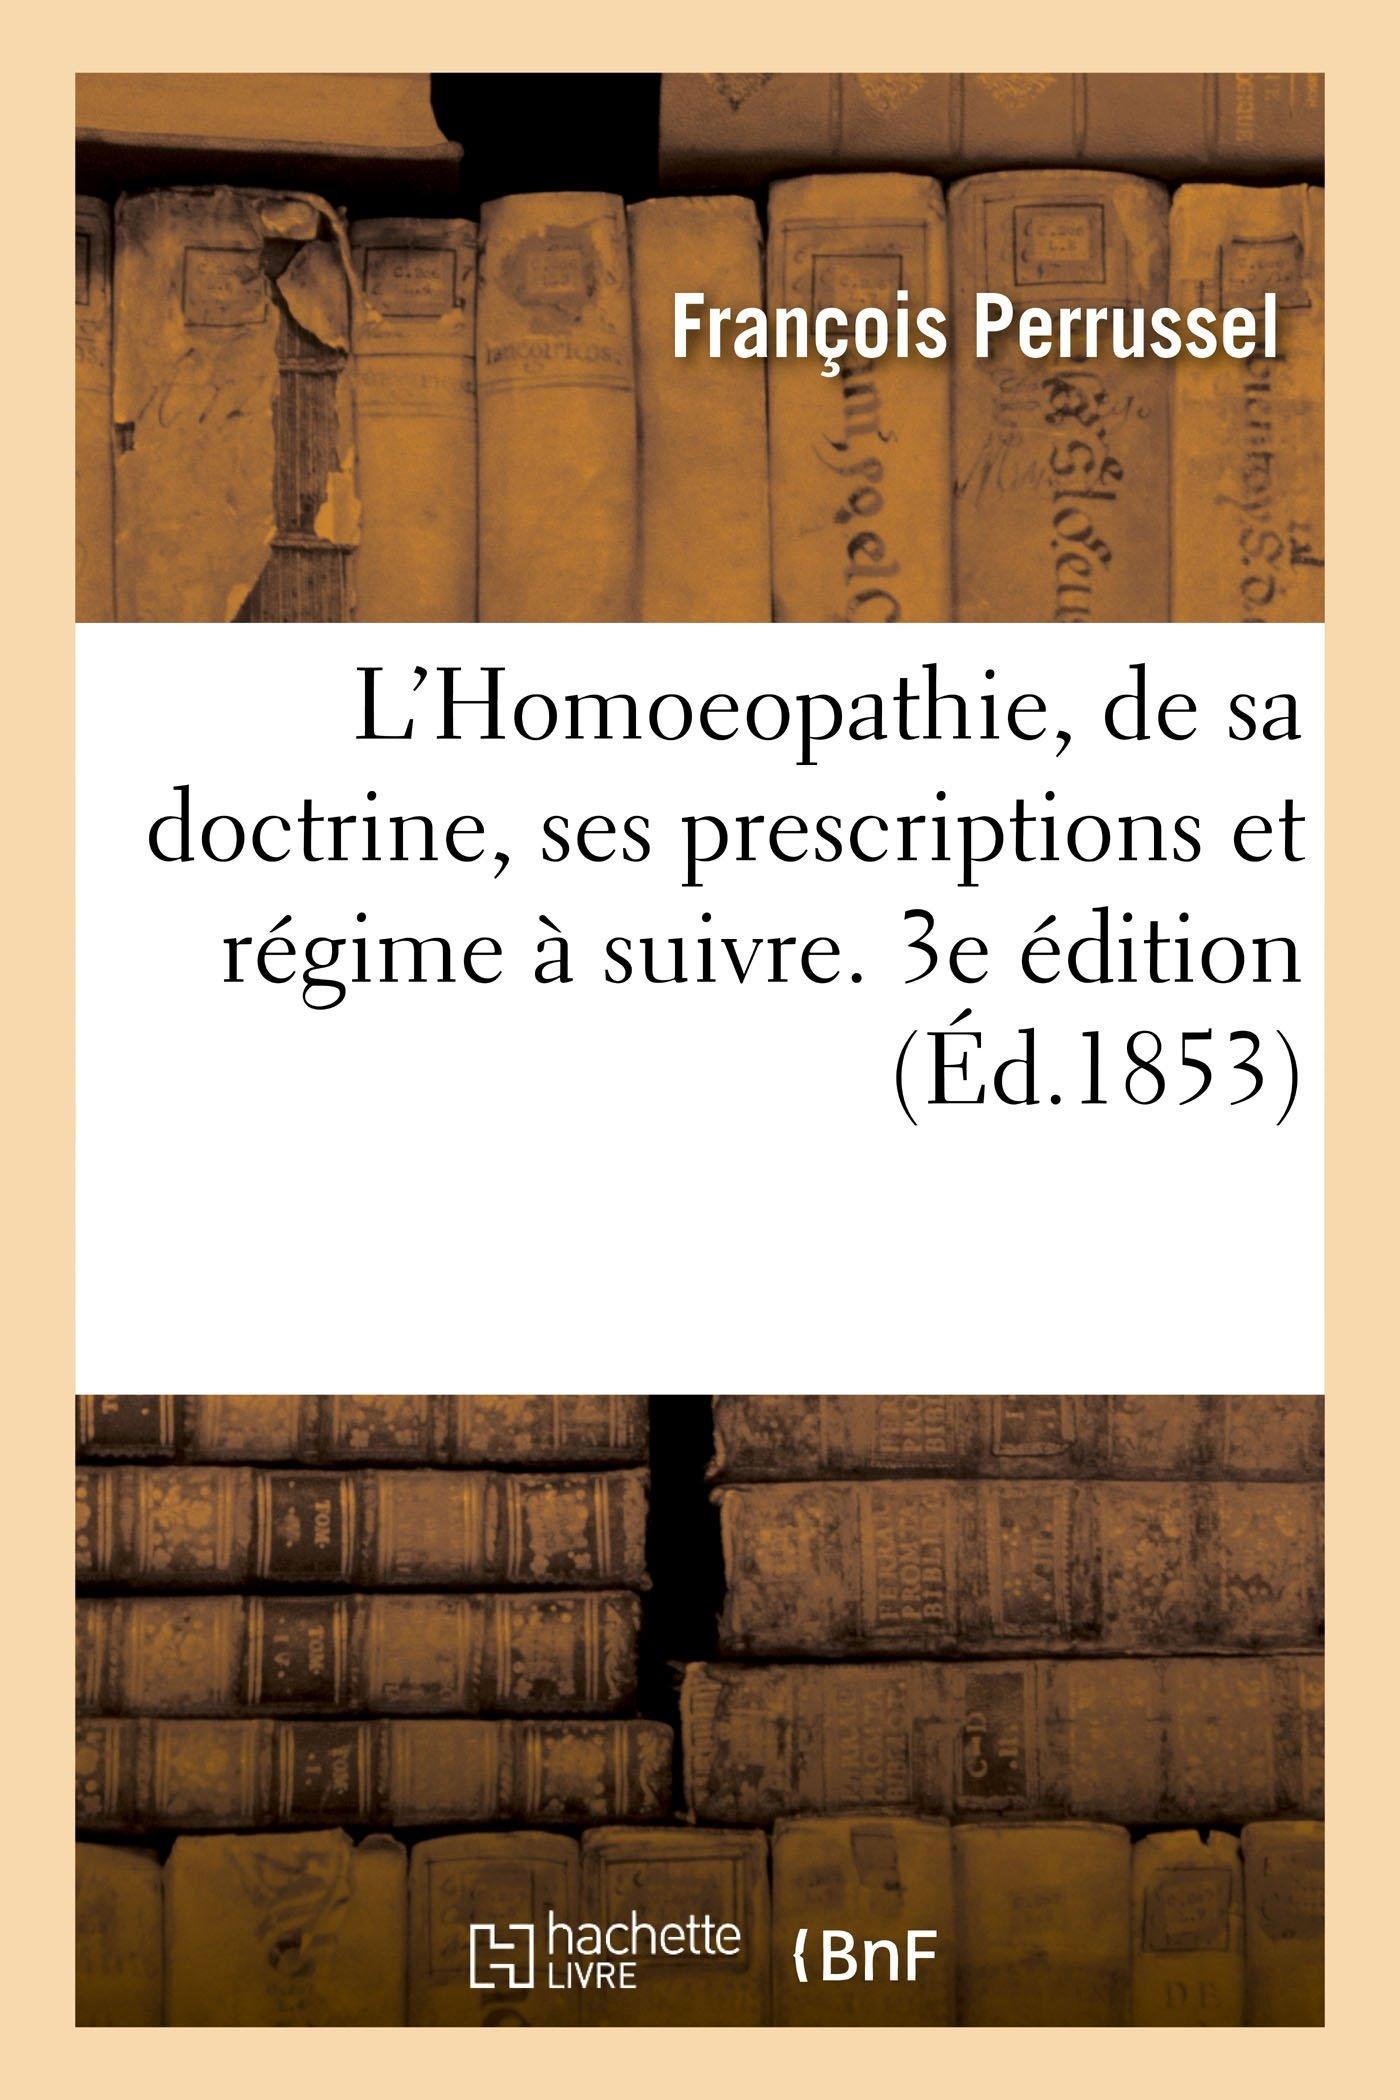 Read Online De l'Homoeopathie, de sa doctrine, de ses prescriptions (French Edition) ebook